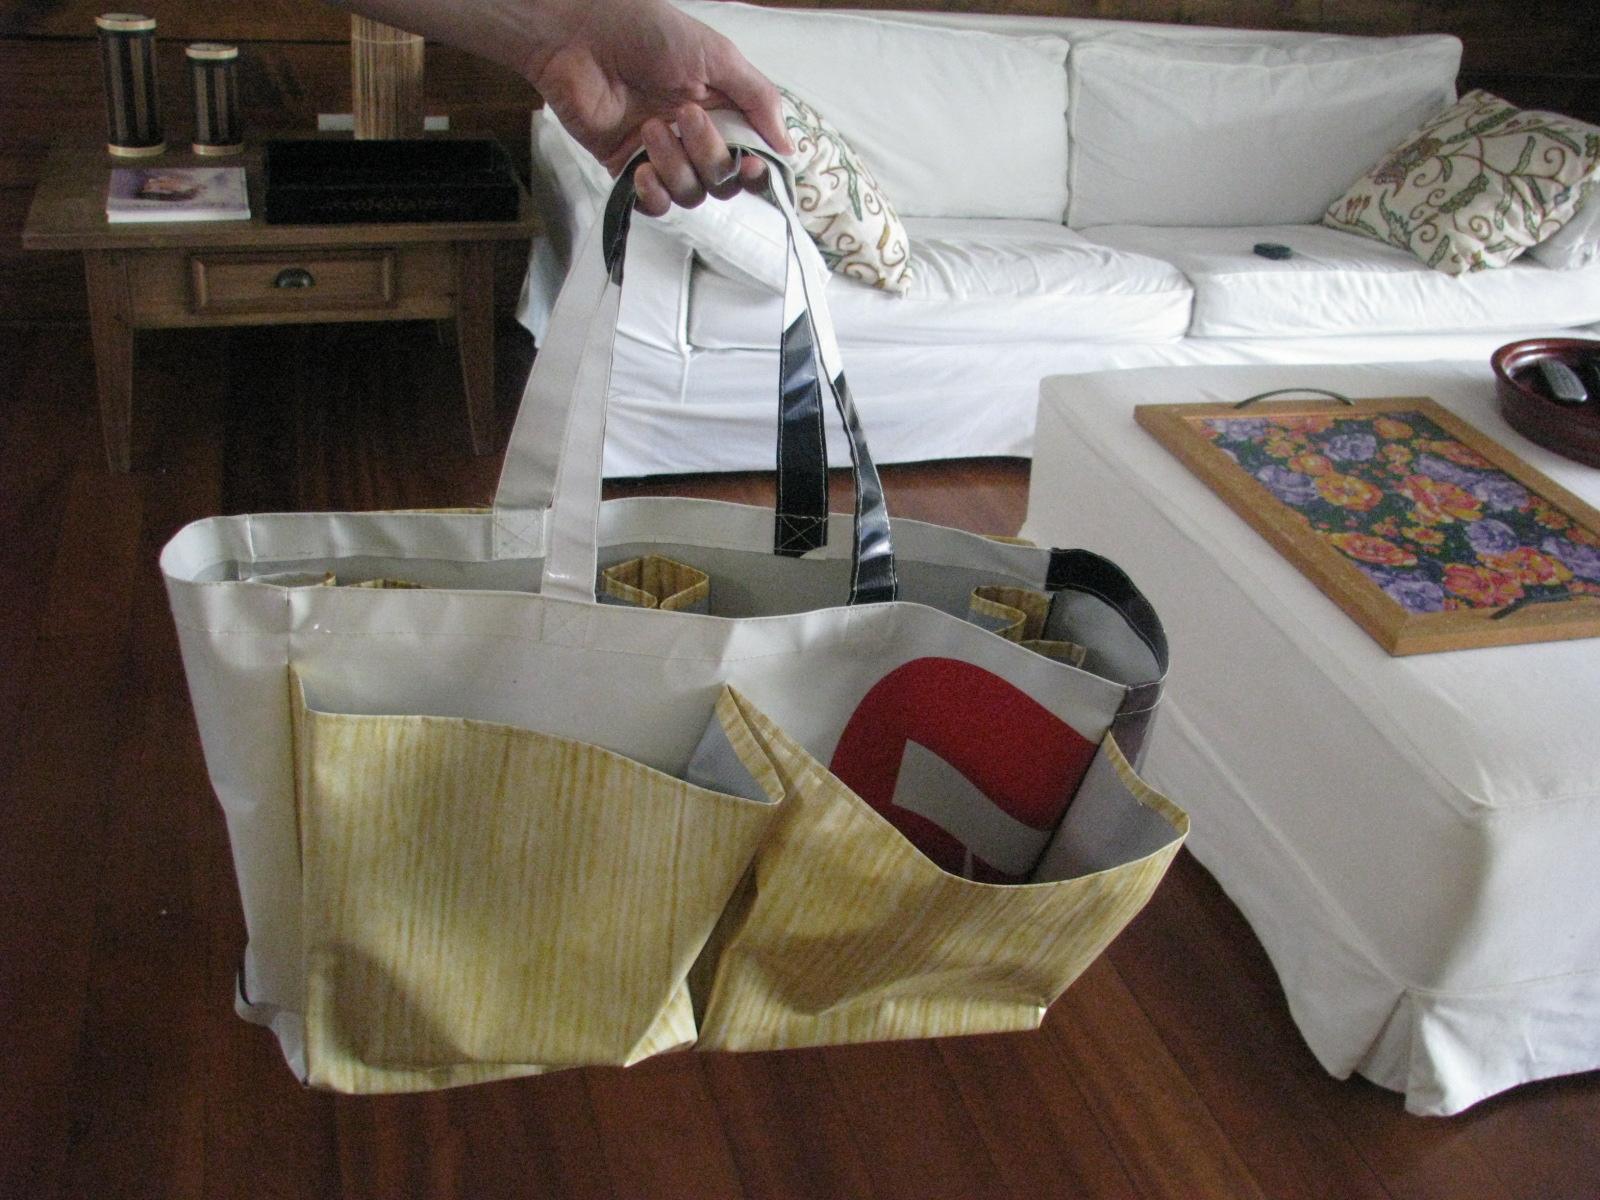 ecobag - para compras em supermercado. alternativa aos saquinhos de plástico.